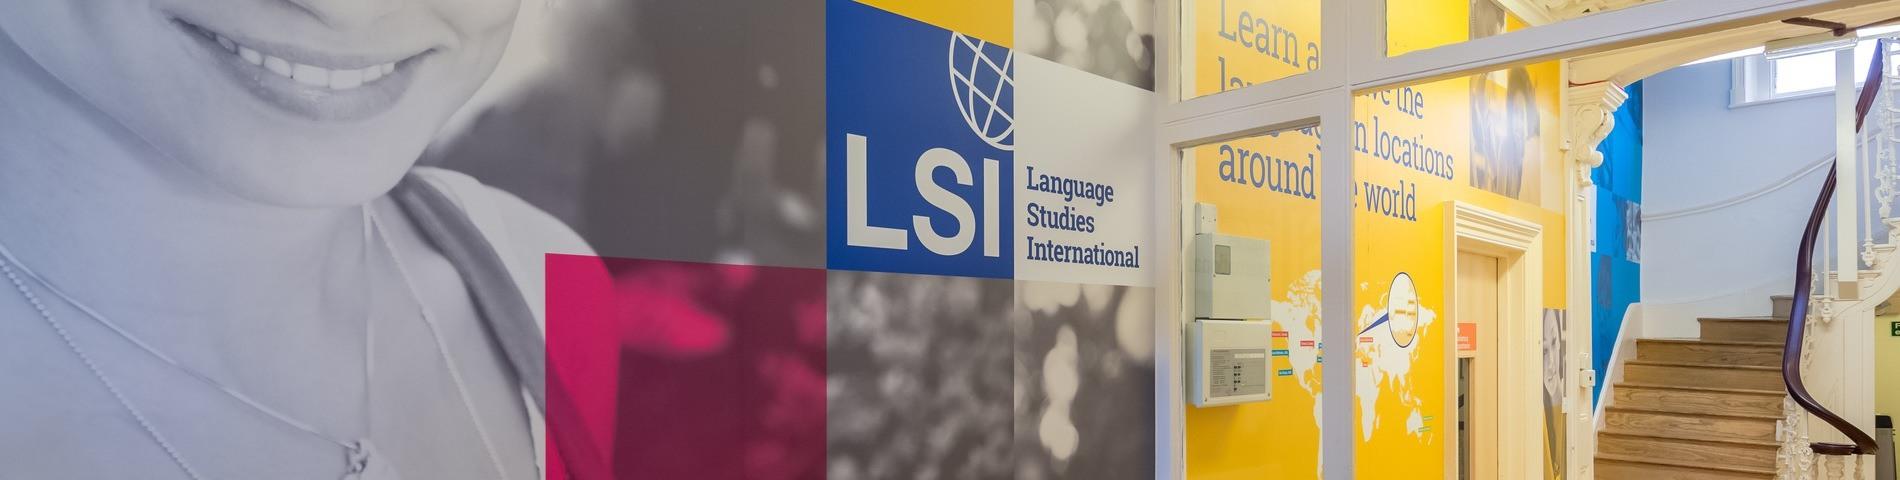 LSI - Language Studies International - Hampstead immagine 1